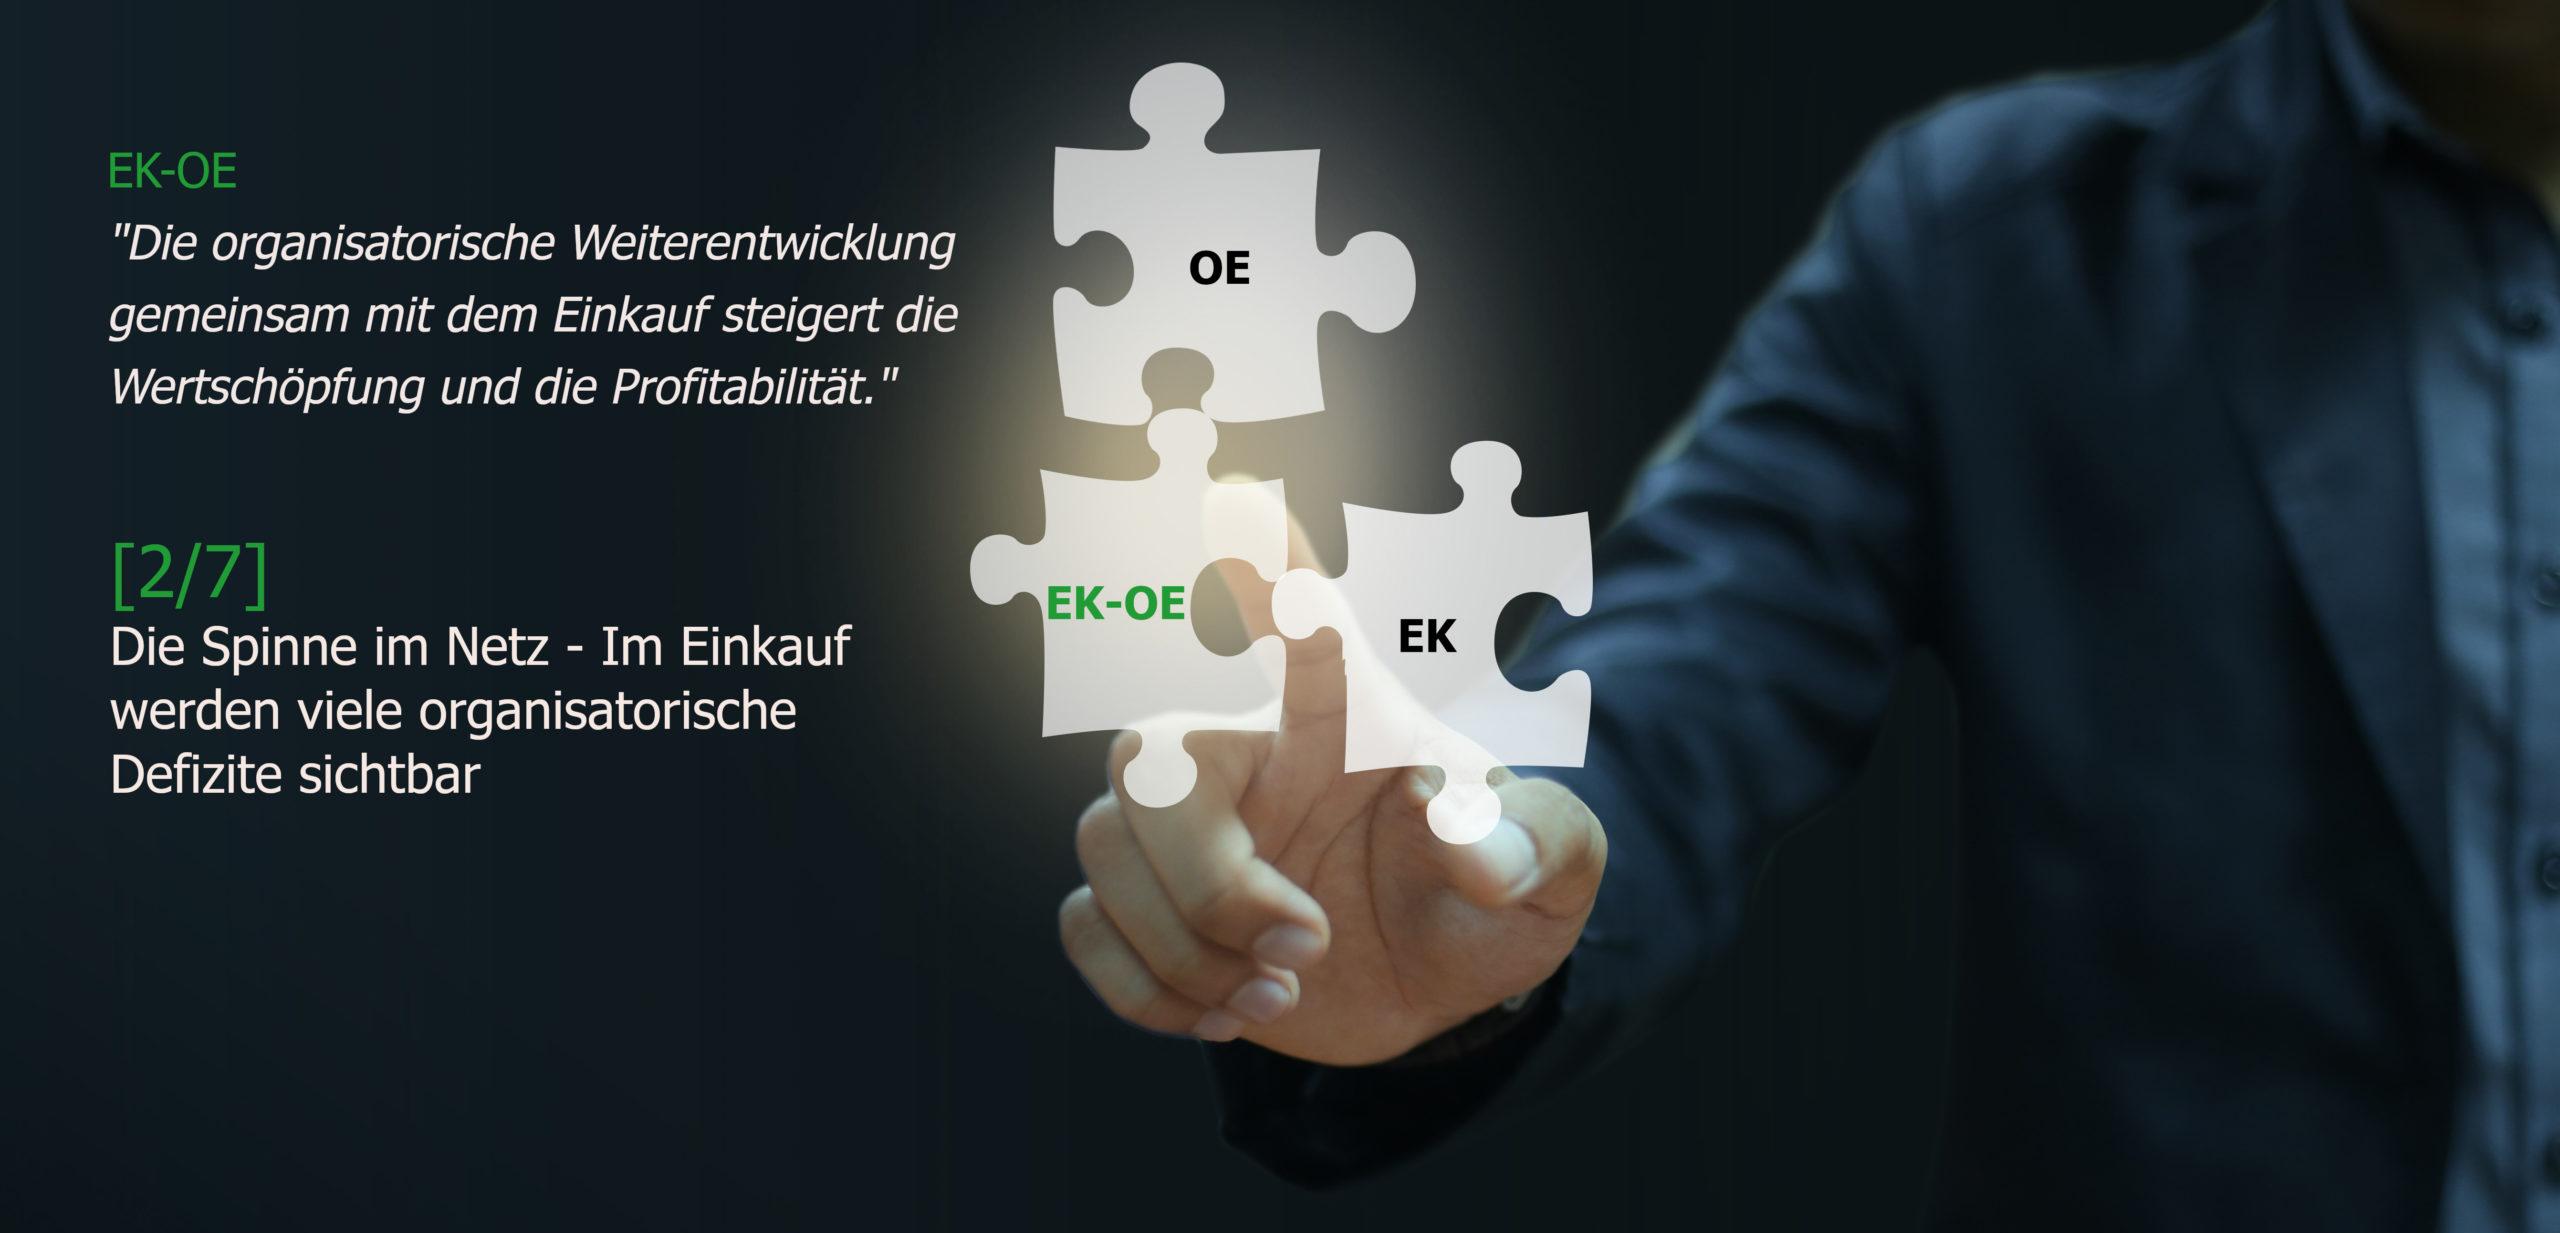 Organisatorische Defizite - Organisationsentwicklung, Einkaufsberatung, Change Coach, Coaching, Markus Kruse, Essen